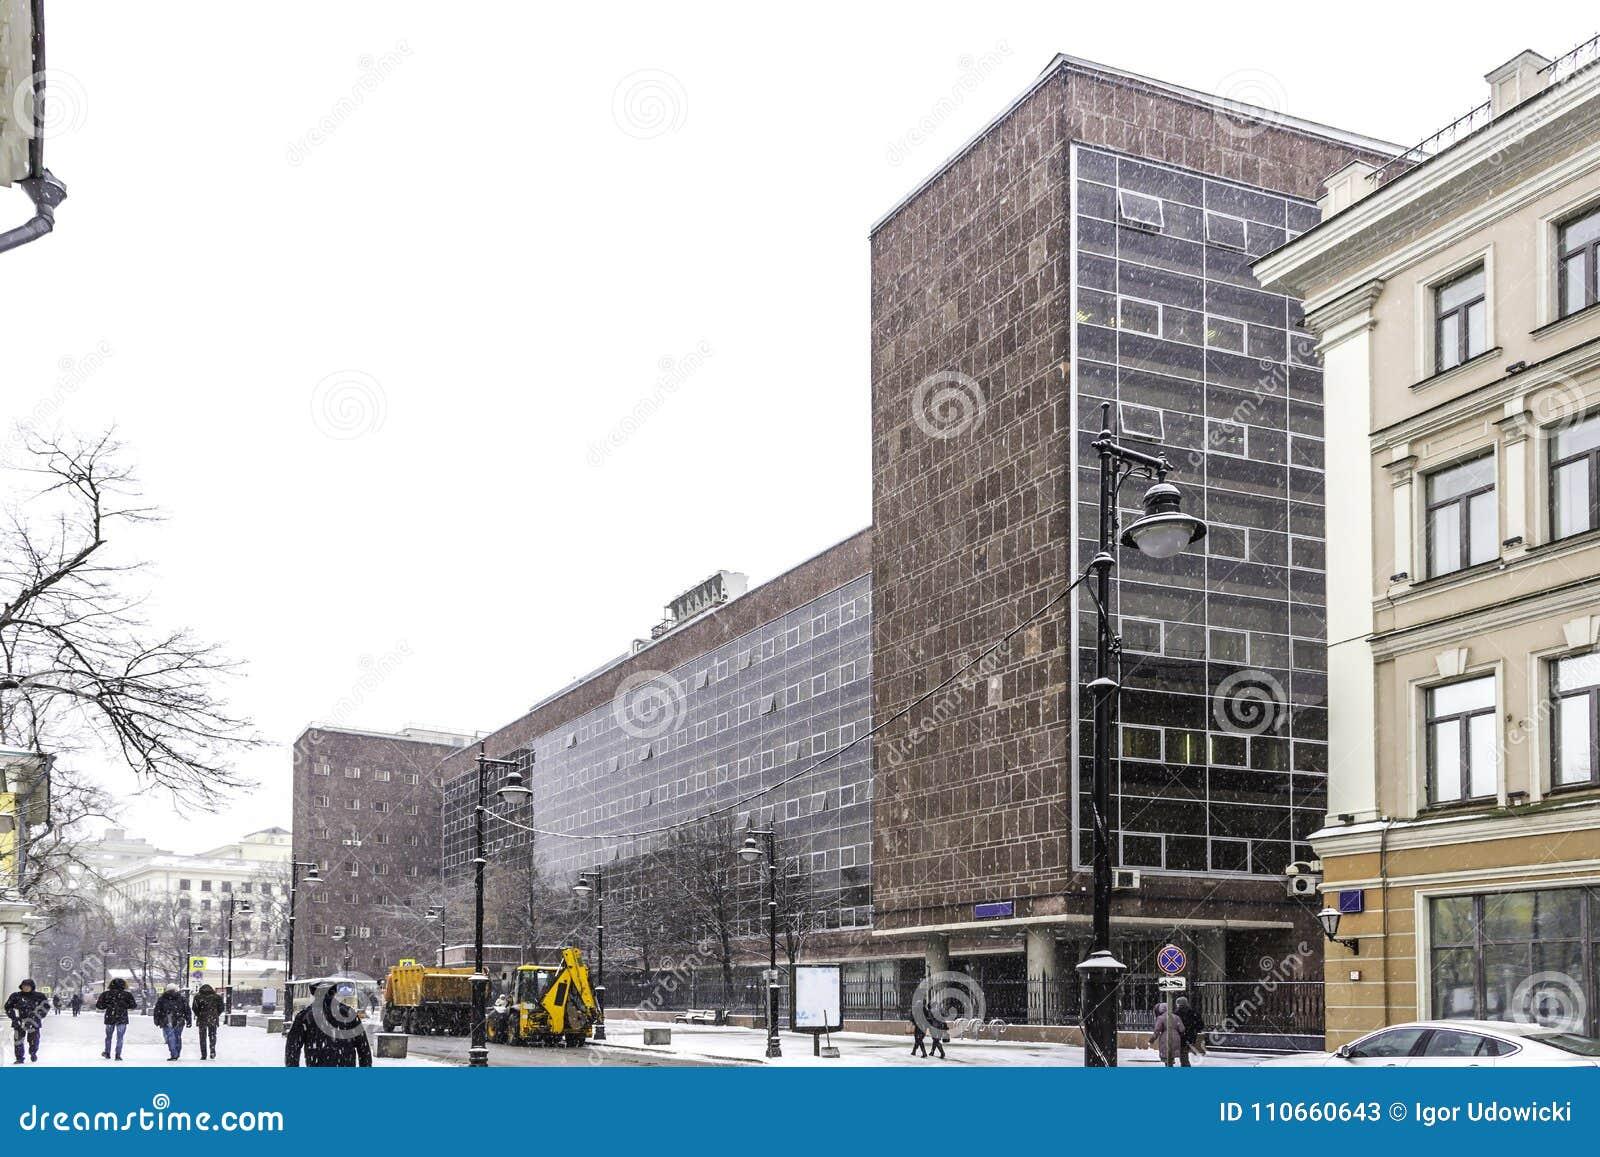 Bürogebäude in der Mitte von Moskau, entworfen vom Architekten Le Corbusier